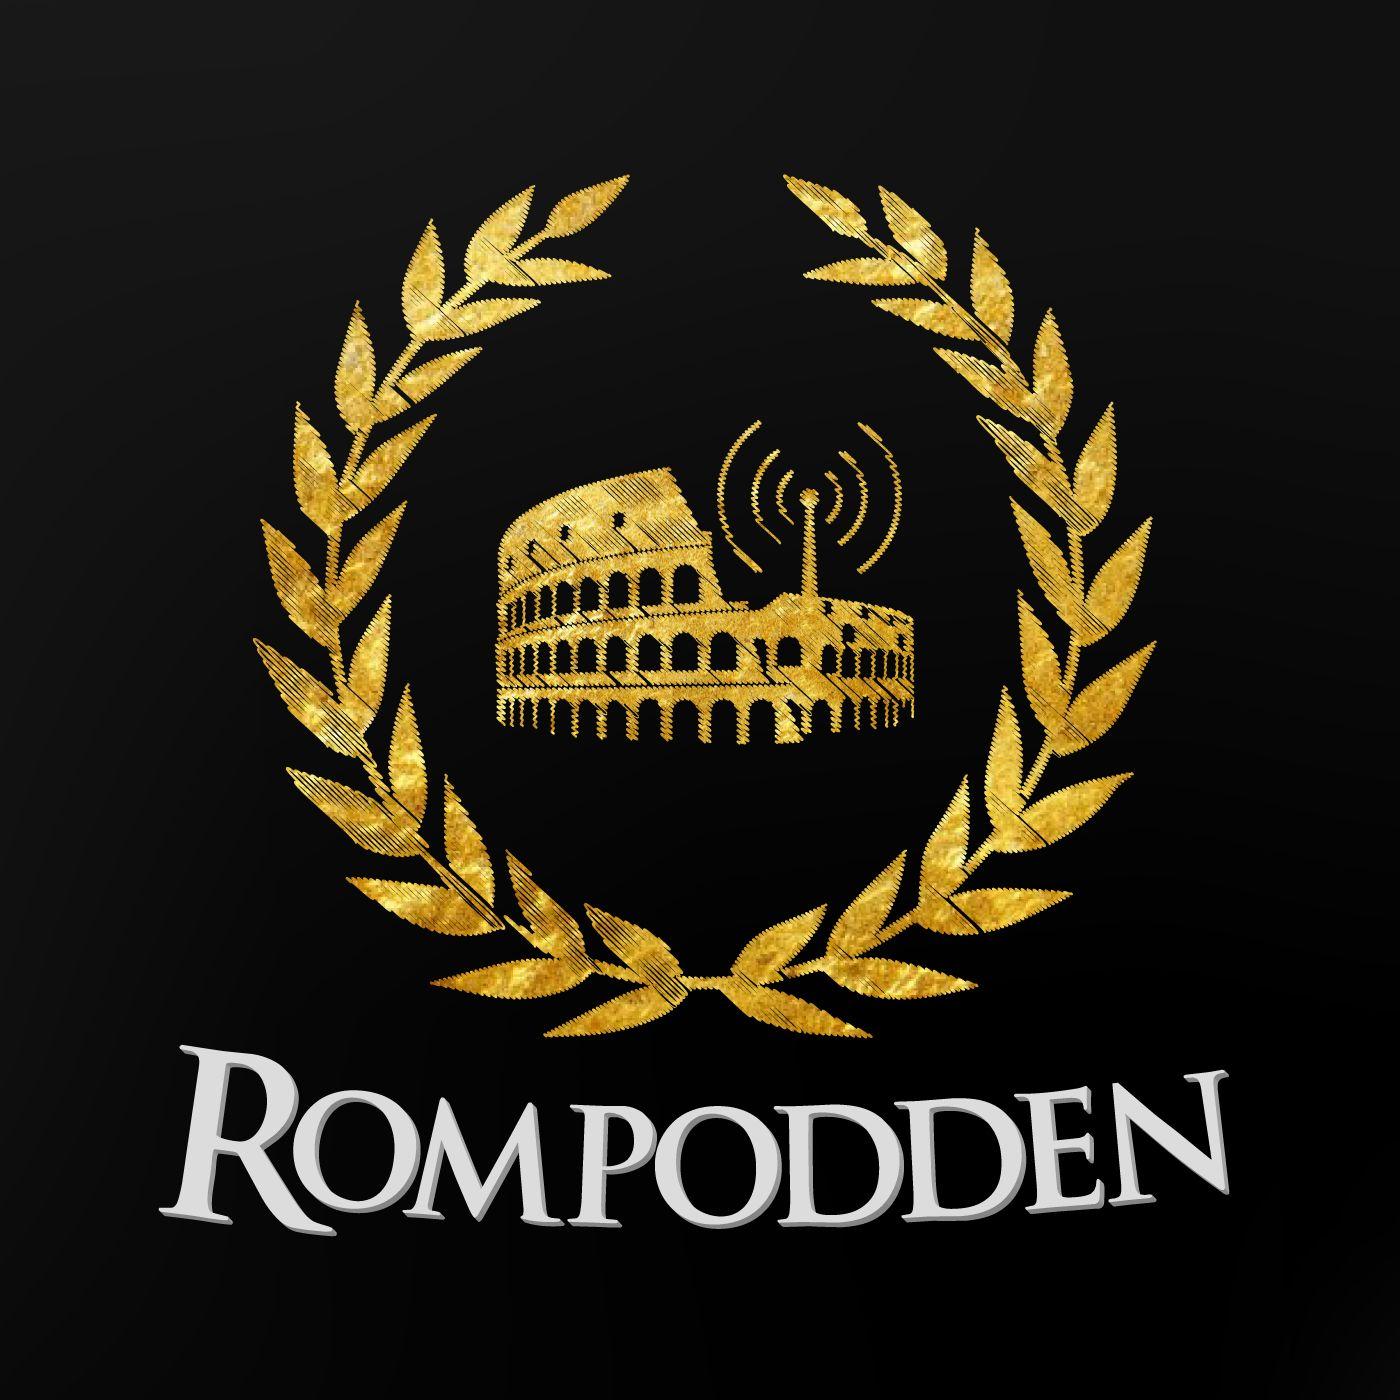 Rompodden